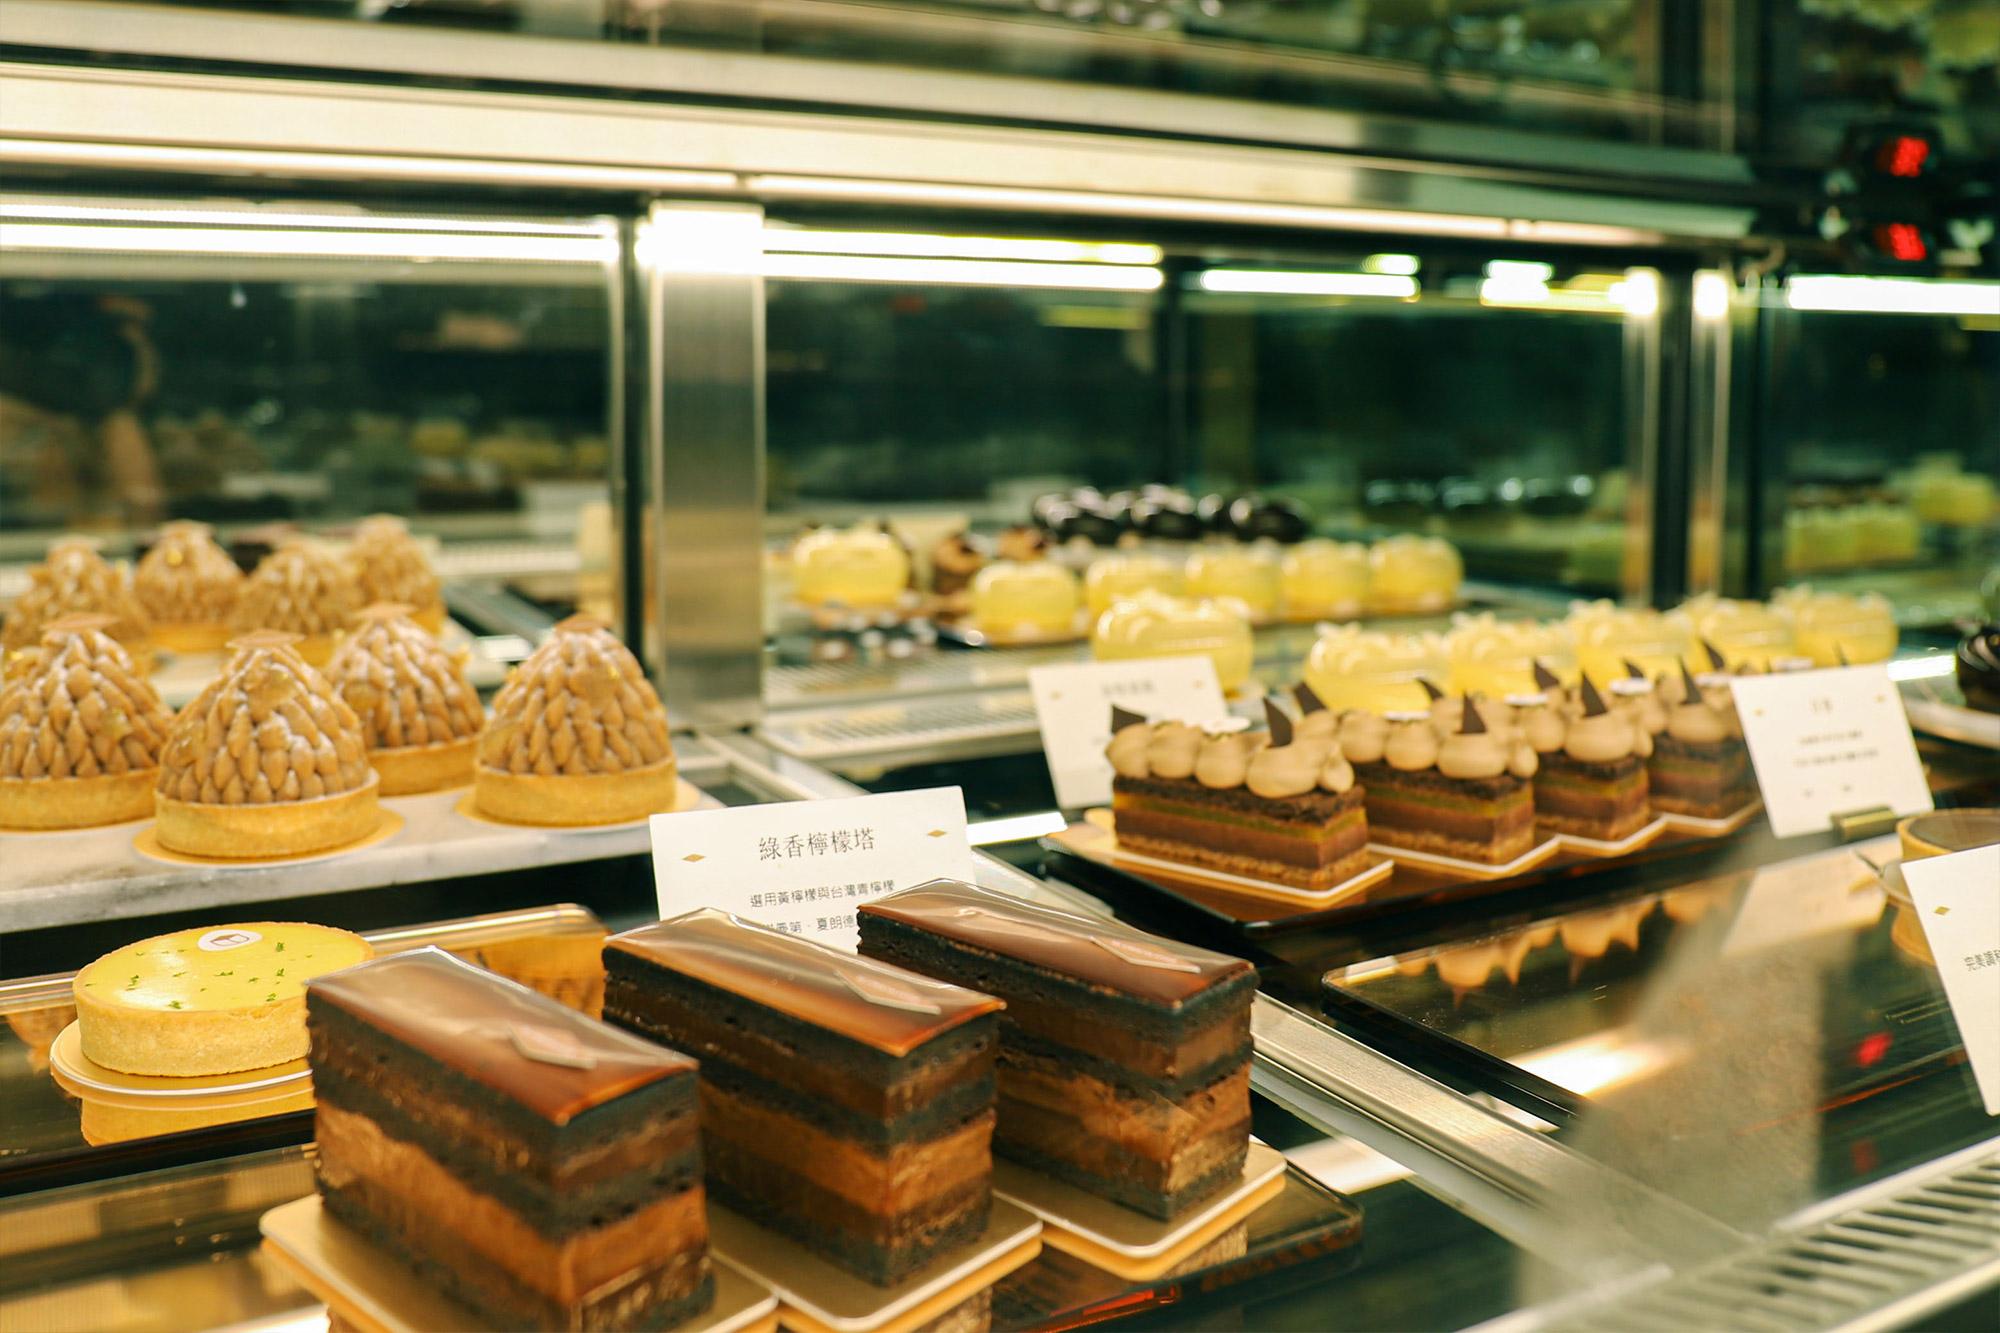 畬室法式巧克力_蛋糕櫃4